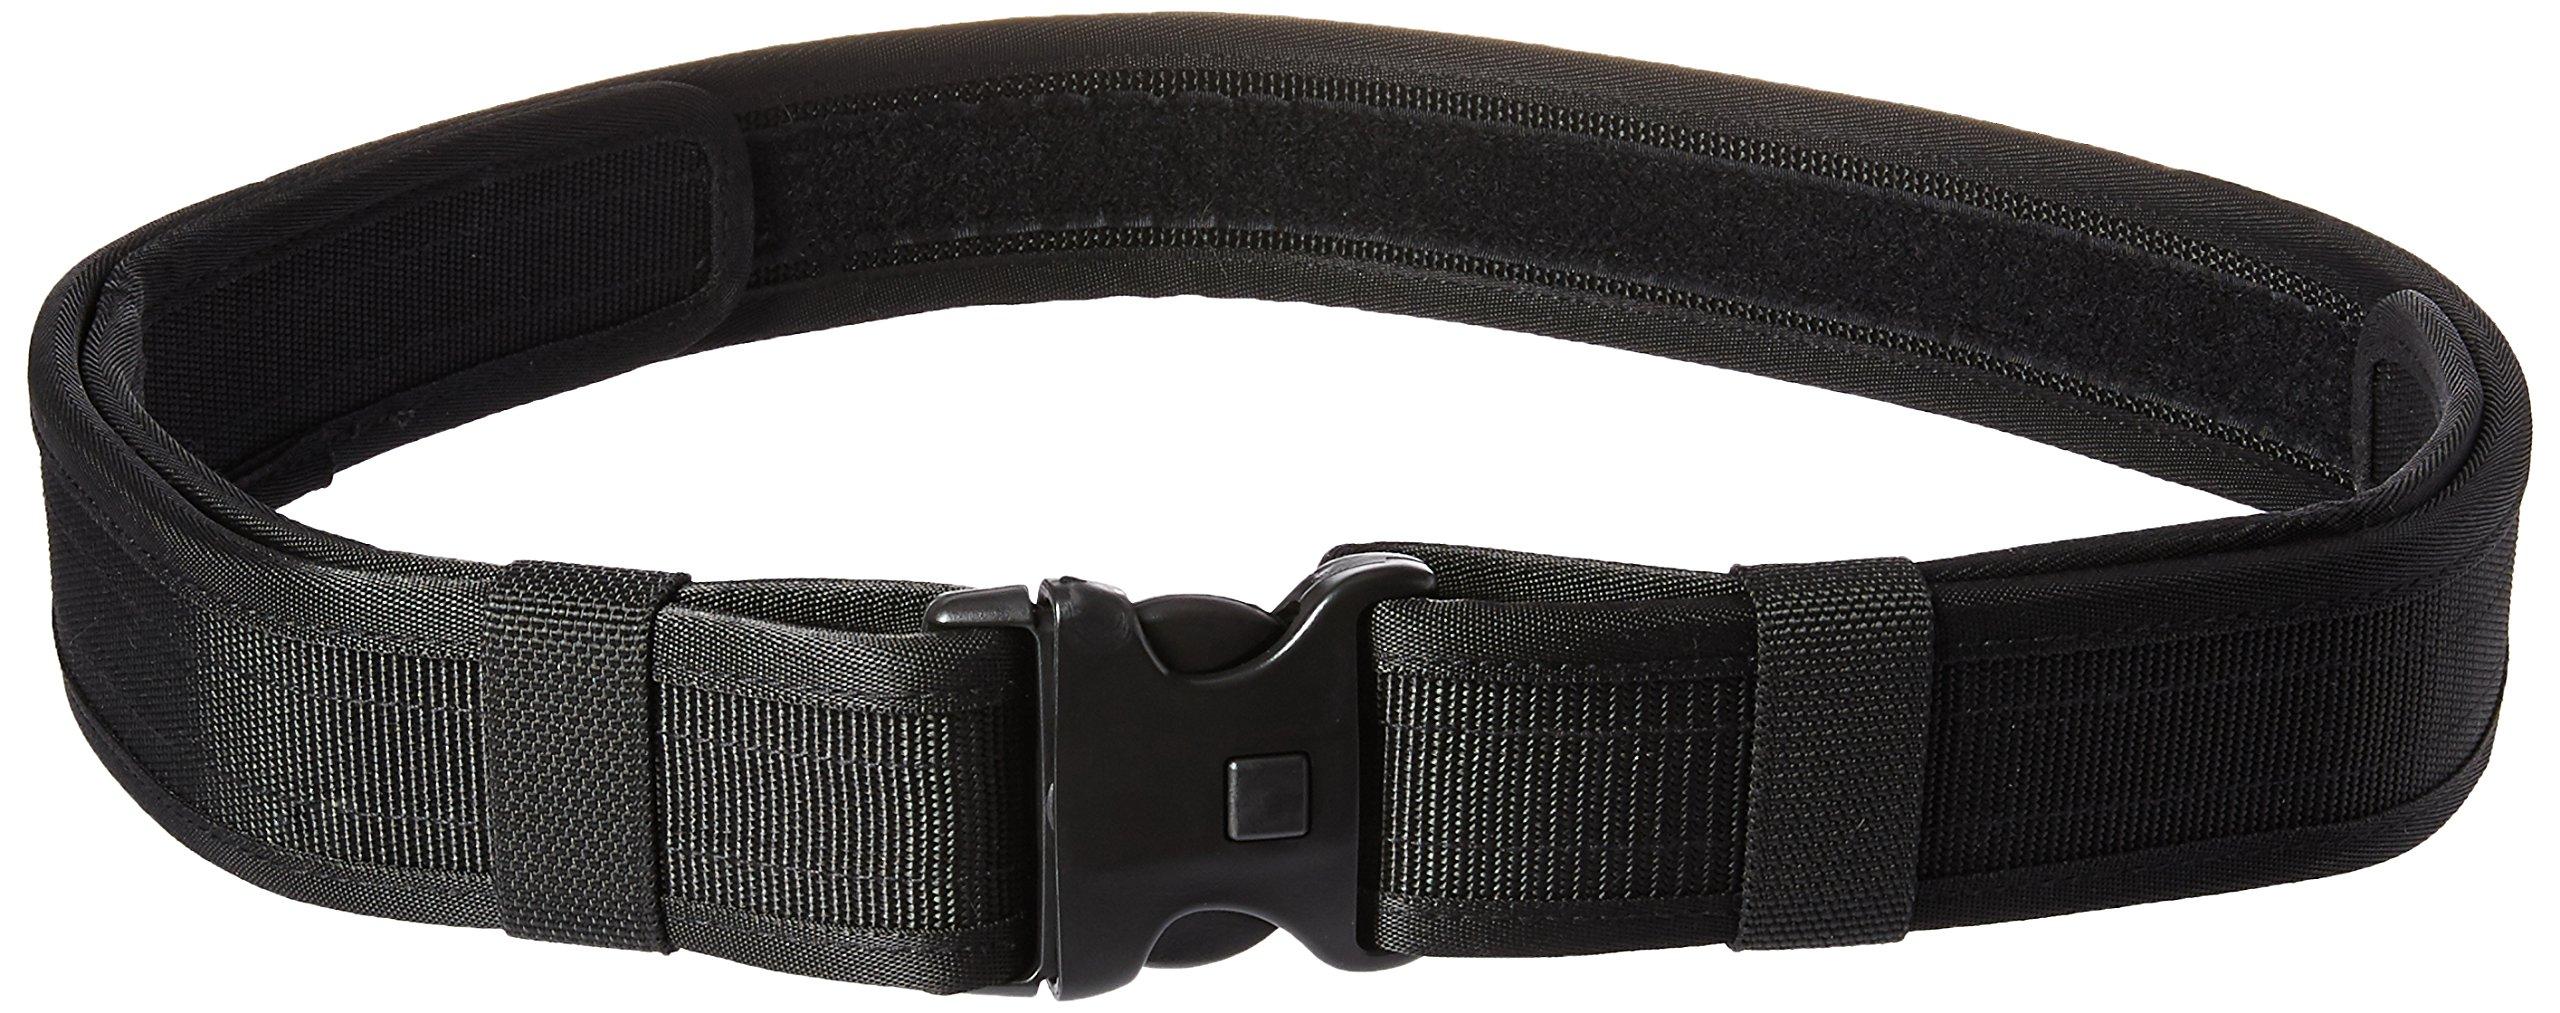 TRU-SPEC 4112007 Duty Belt, Tru-Gear Deluxe Nylon, 2'' Height, 3'' Wide, 18'' Length, 1680 Denier Ballistic Pack Cloth, 2XL by Tru-Spec